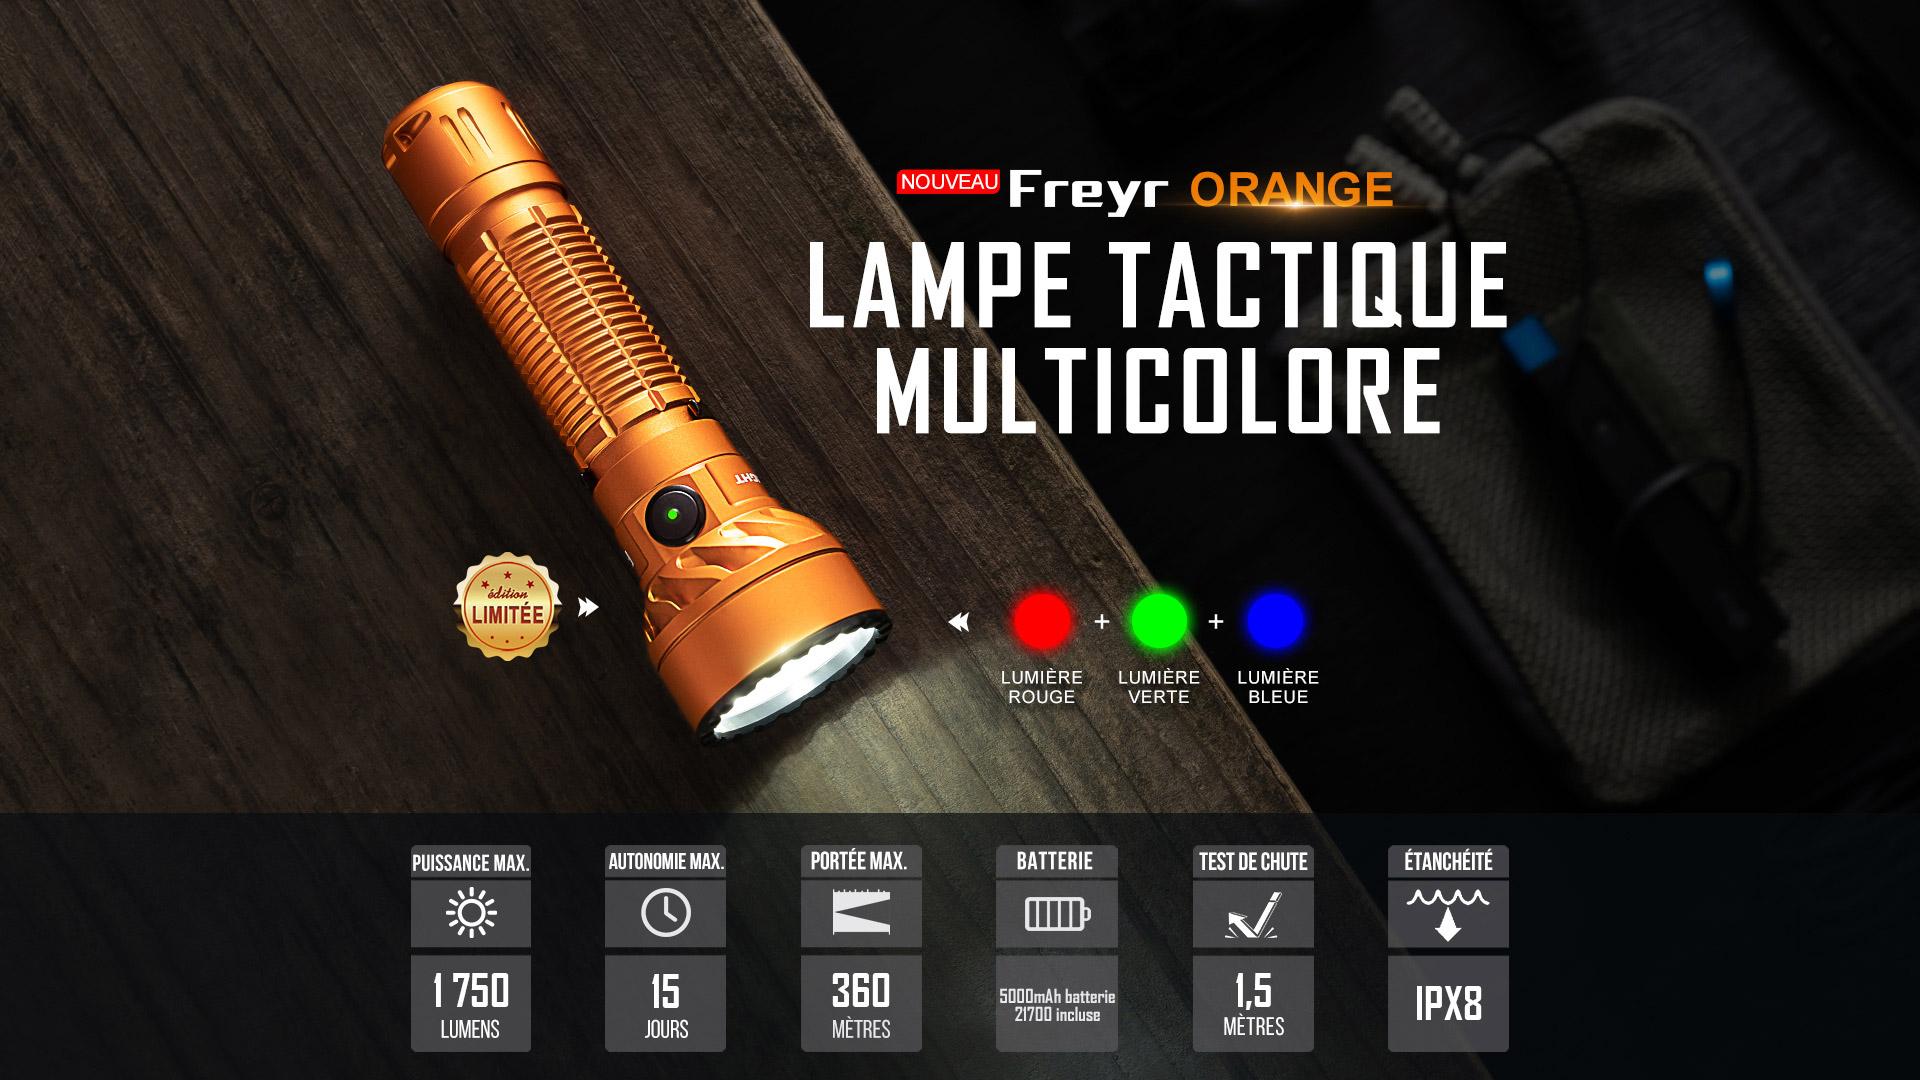 Freyr lampe torche avec faisceau multicolore